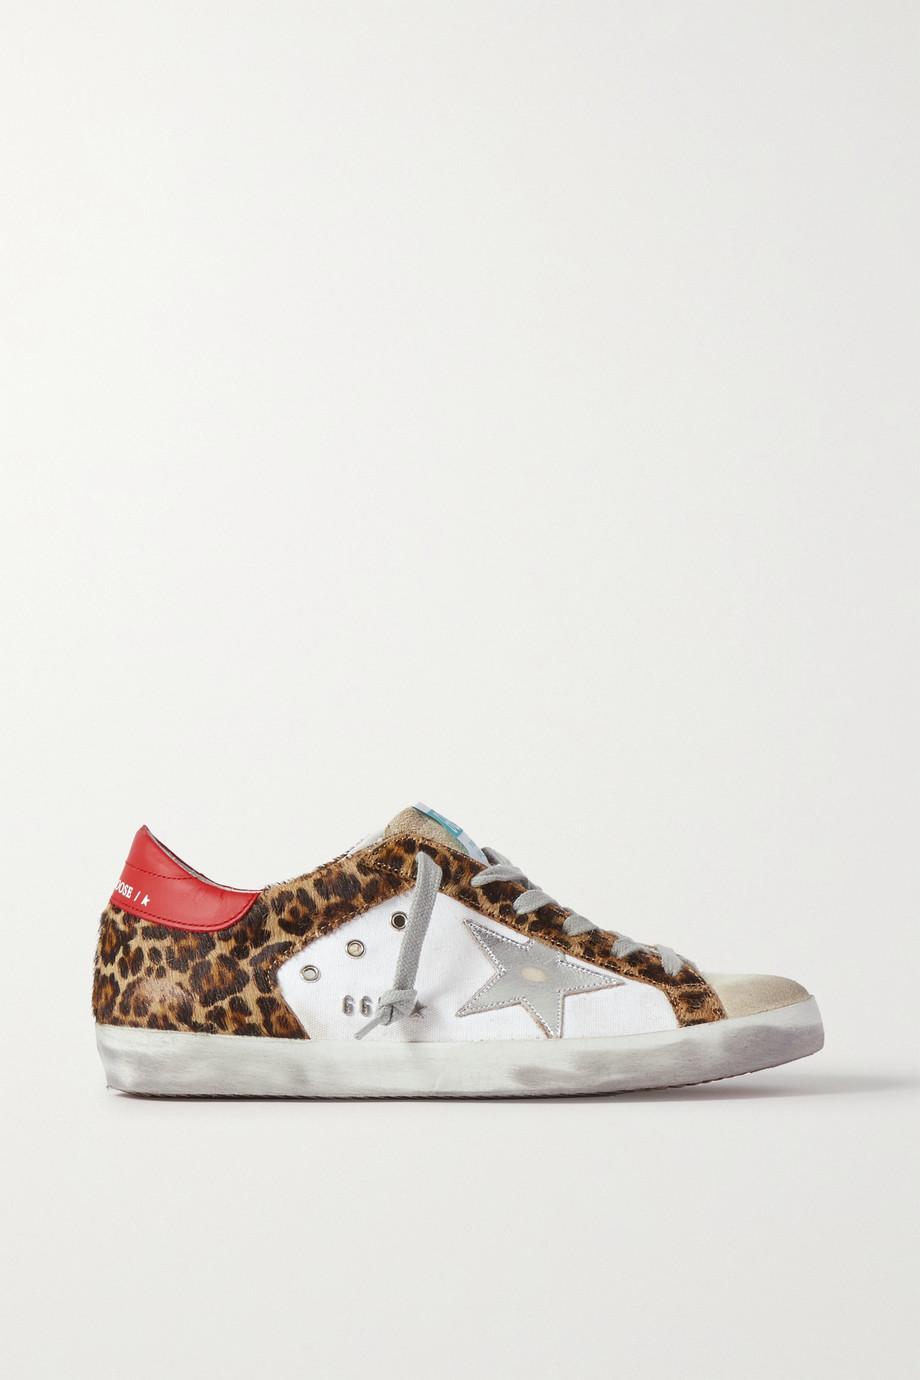 골든구스 슈퍼스타 스니커즈 Golden Goose Superstar distressed leopard-print calf hair, leather and suede sneakers,White